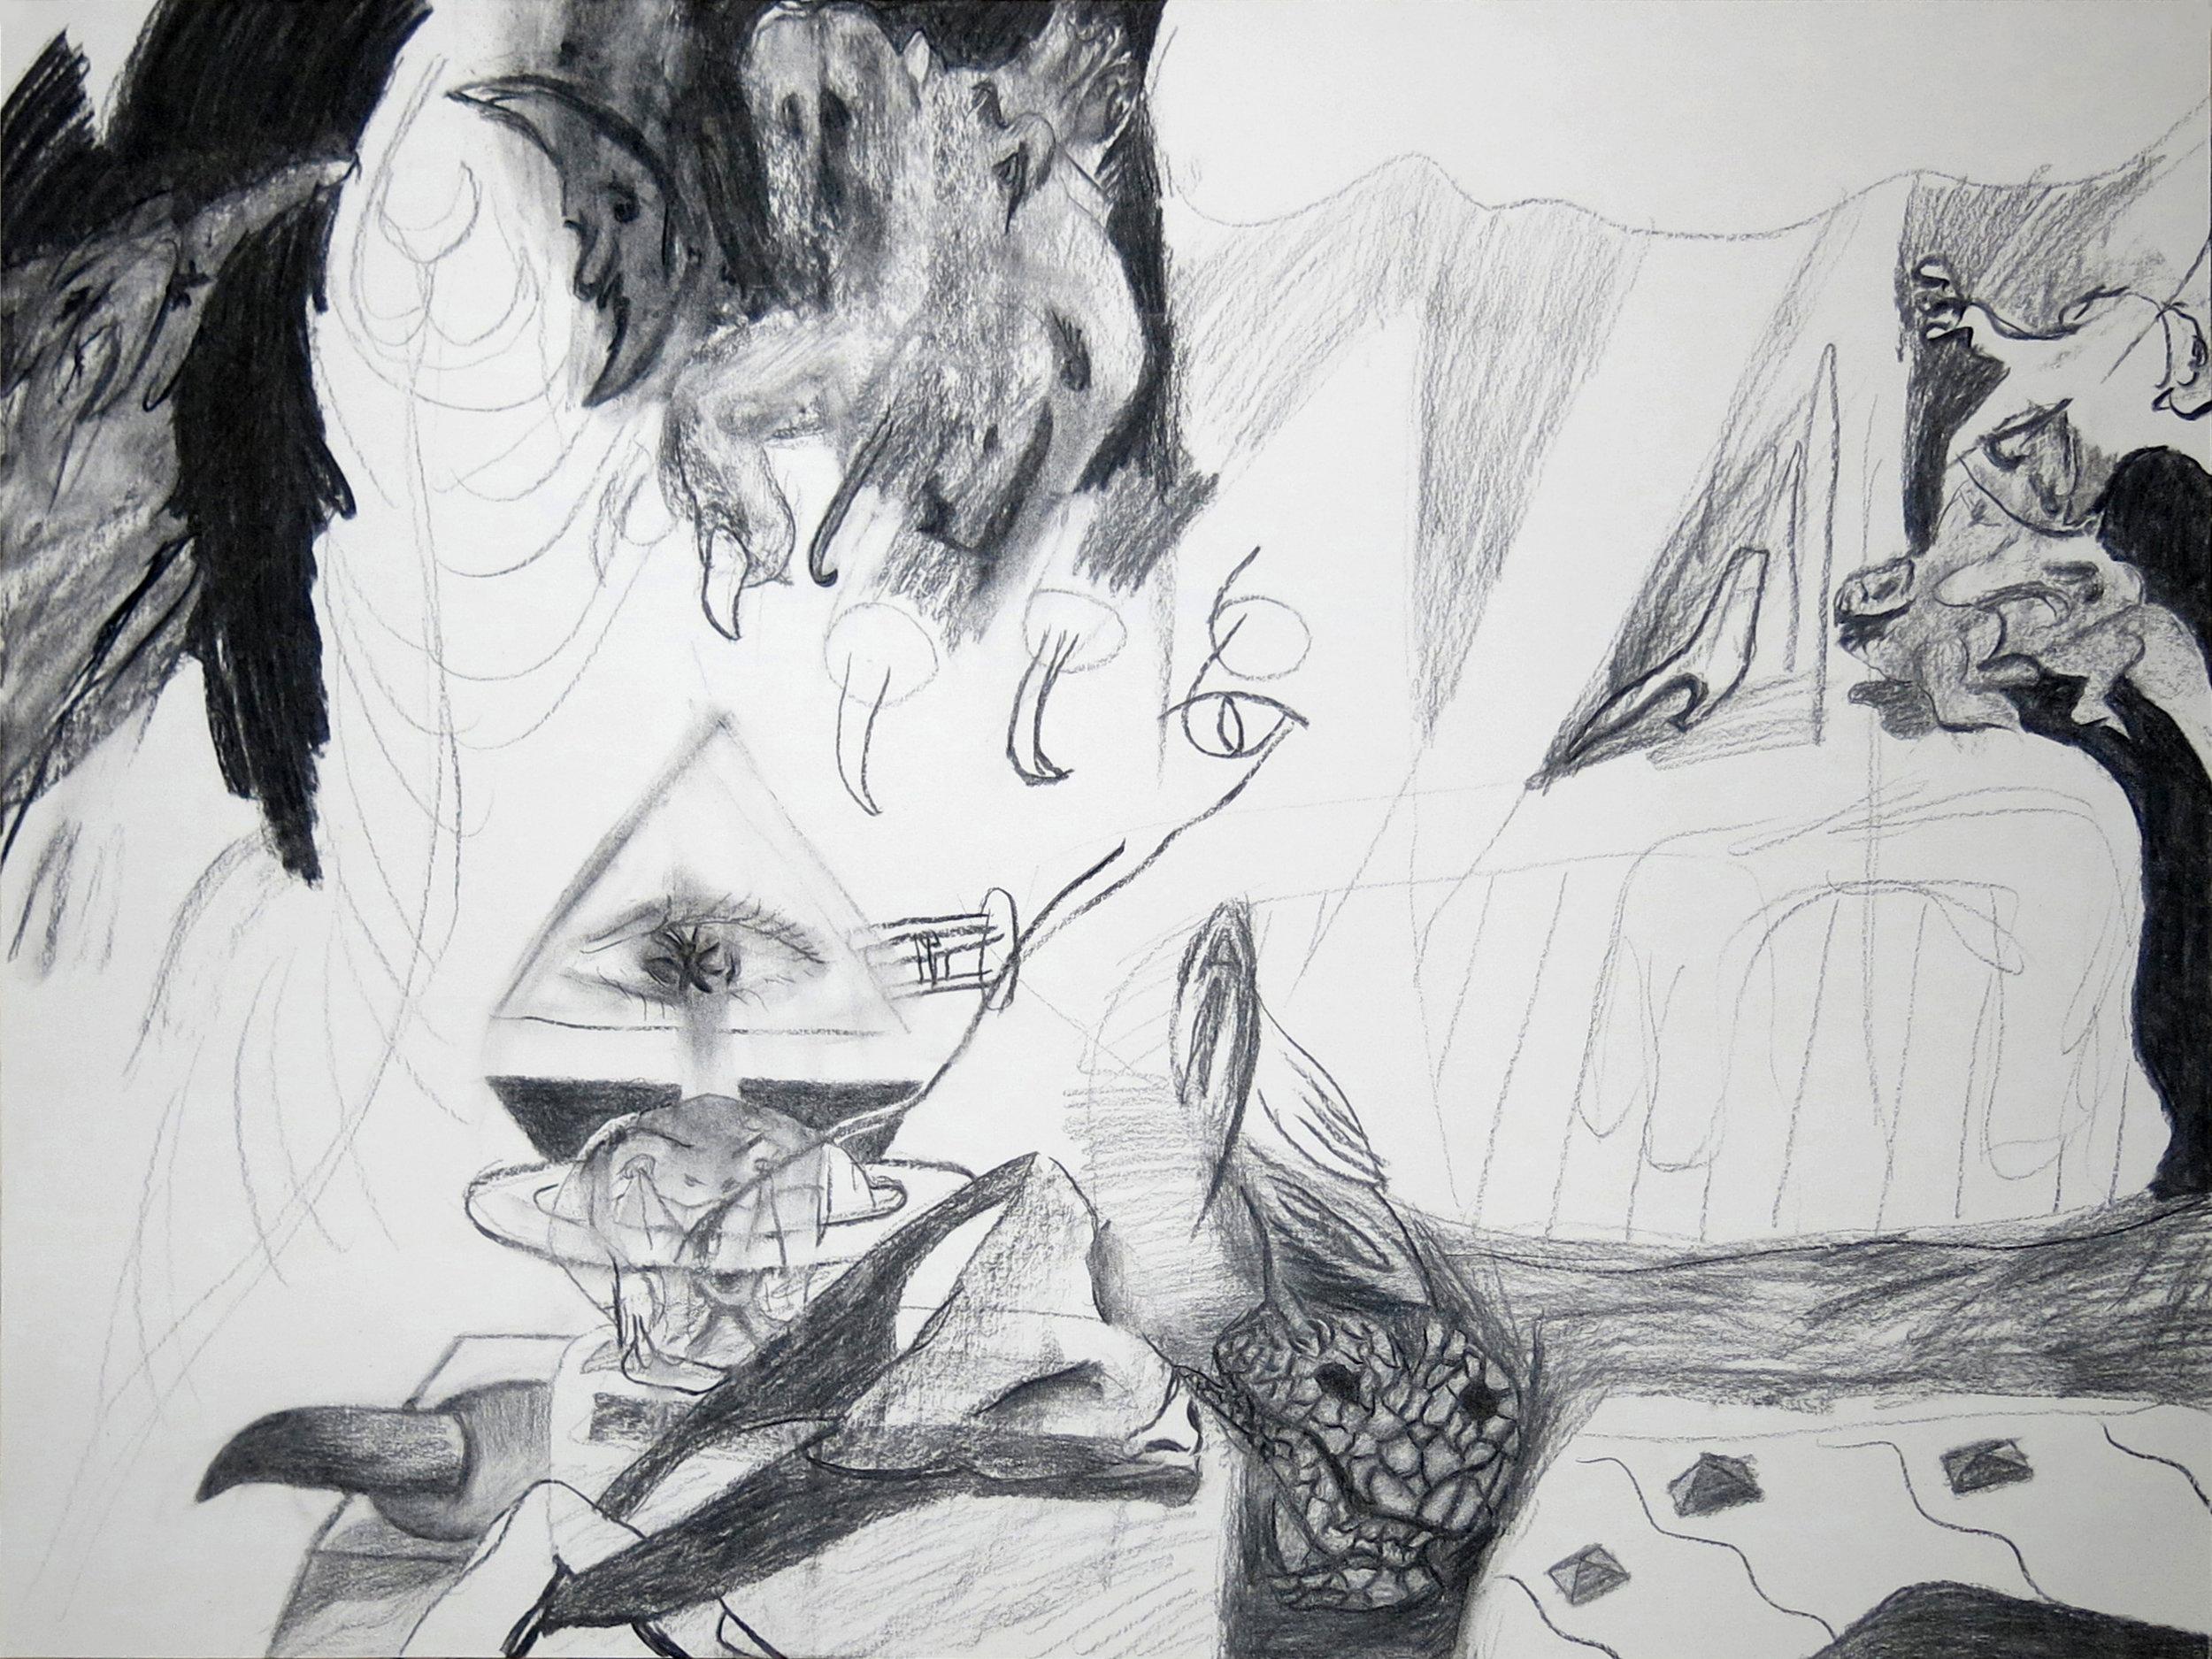 Mesopotamia Drawing #4